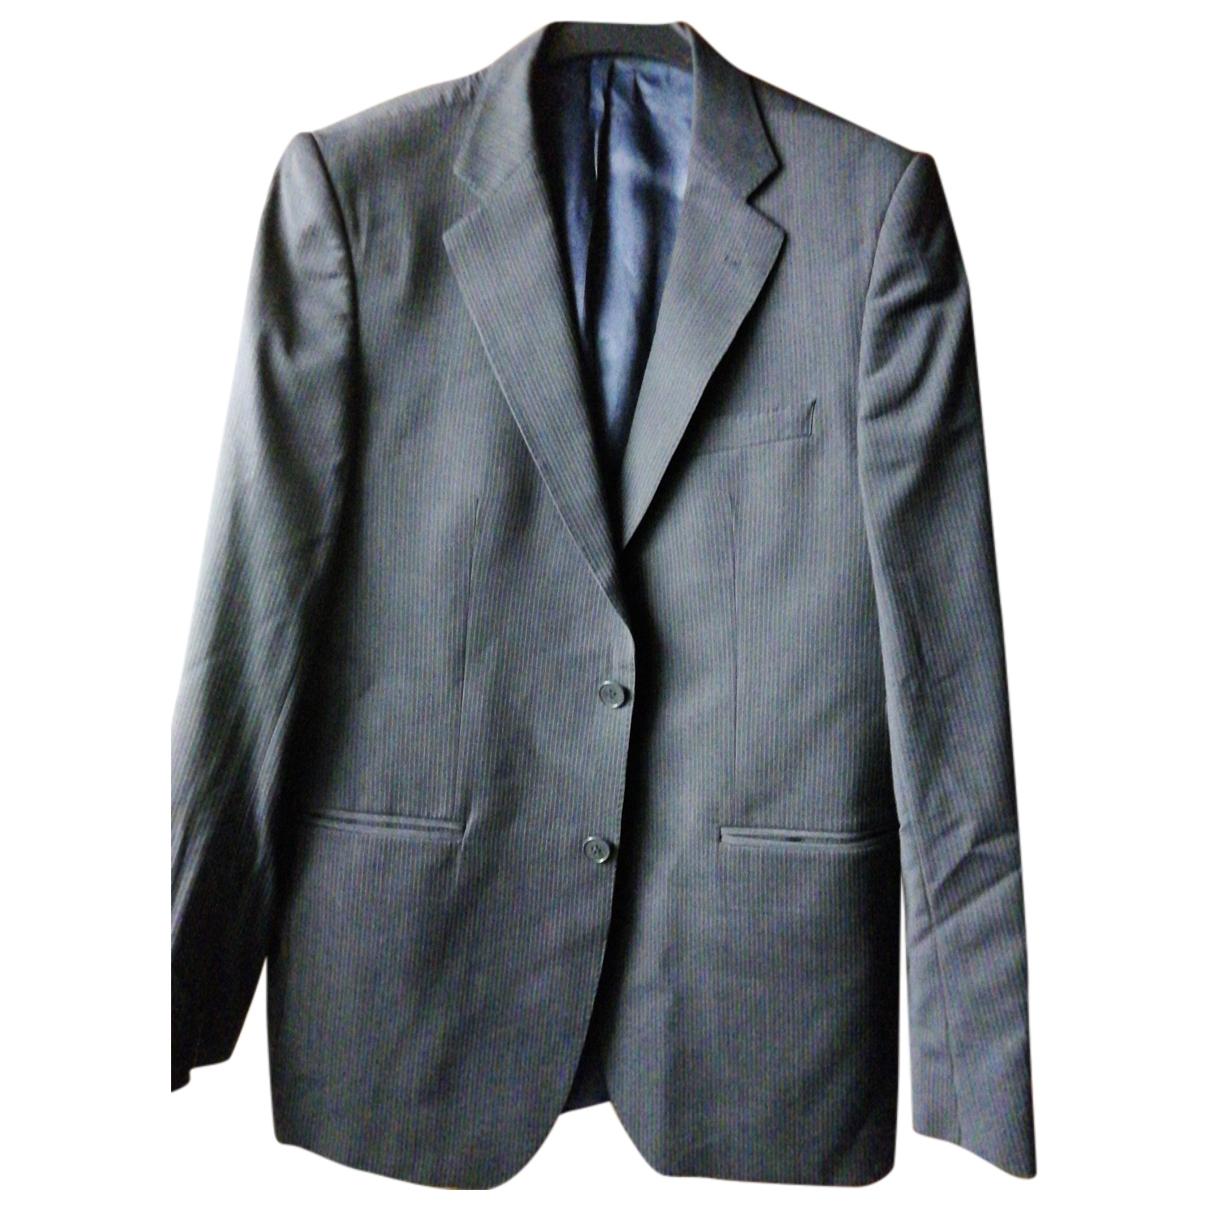 Zara - Vestes.Blousons   pour homme en laine - bleu